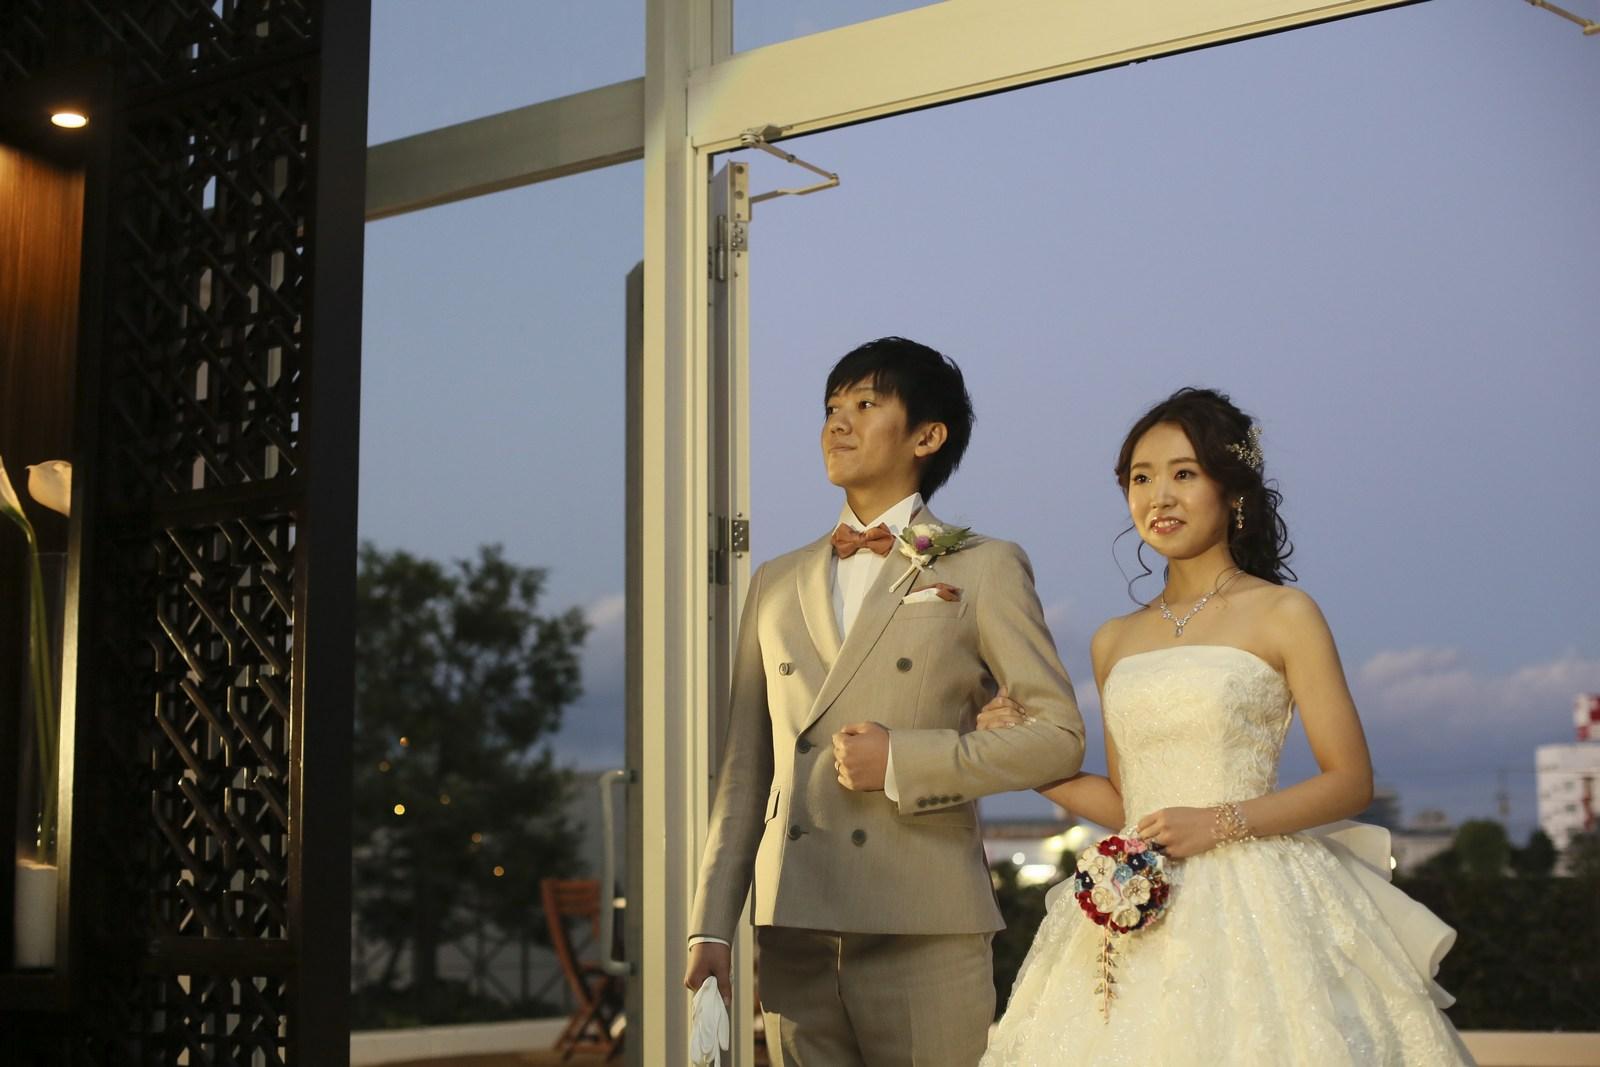 徳島県の結婚式場ブランアンジュで披露宴会場のガーデンから入場してきた新郎新婦